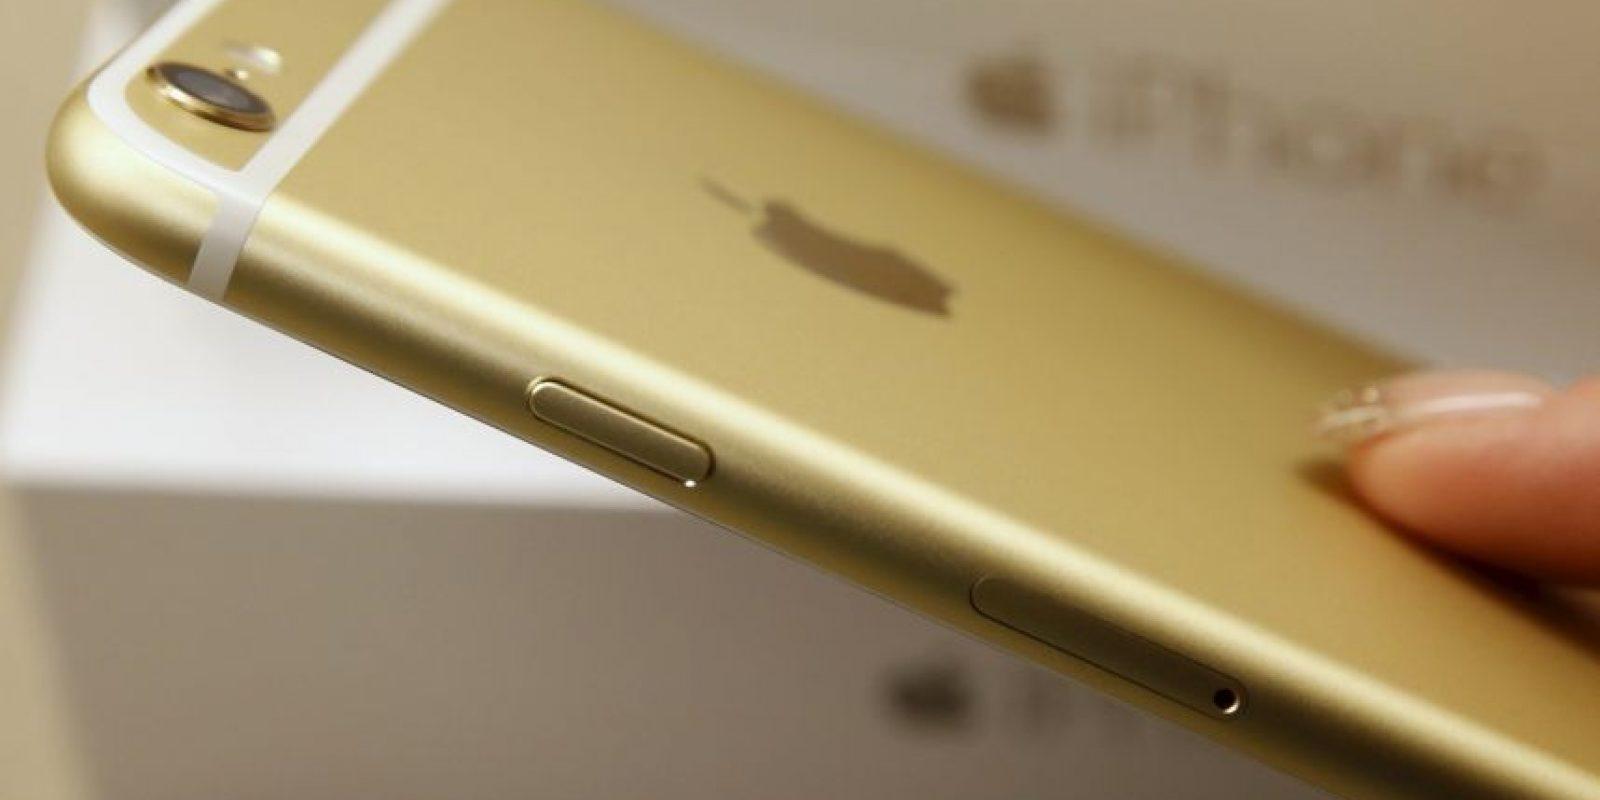 Los rumores dicen que podría estar disponible en color rosa, dorado, negro, plateado y blanco Foto:Getty Images